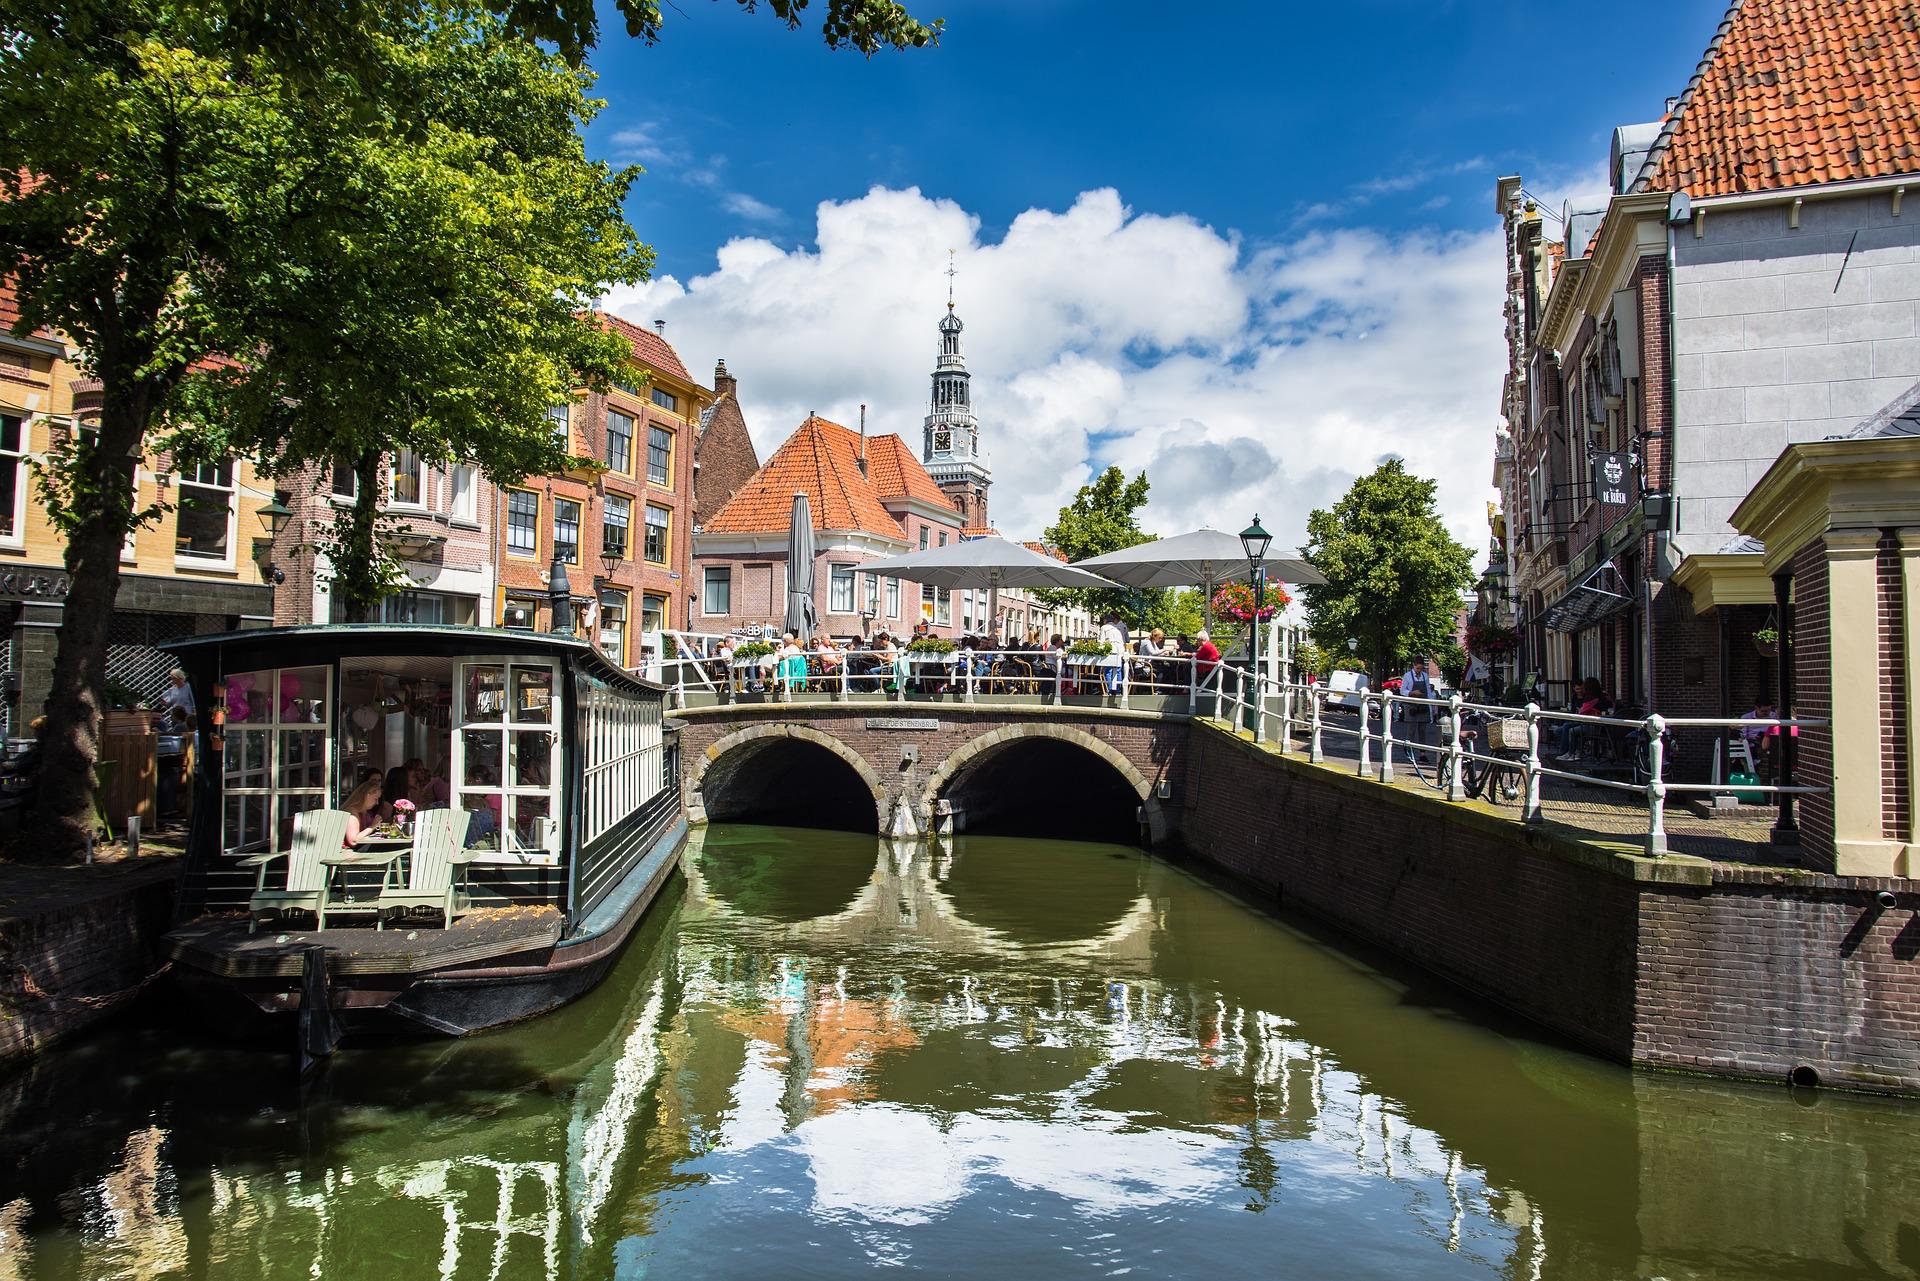 5x de leukste hotspots in Alkmaar